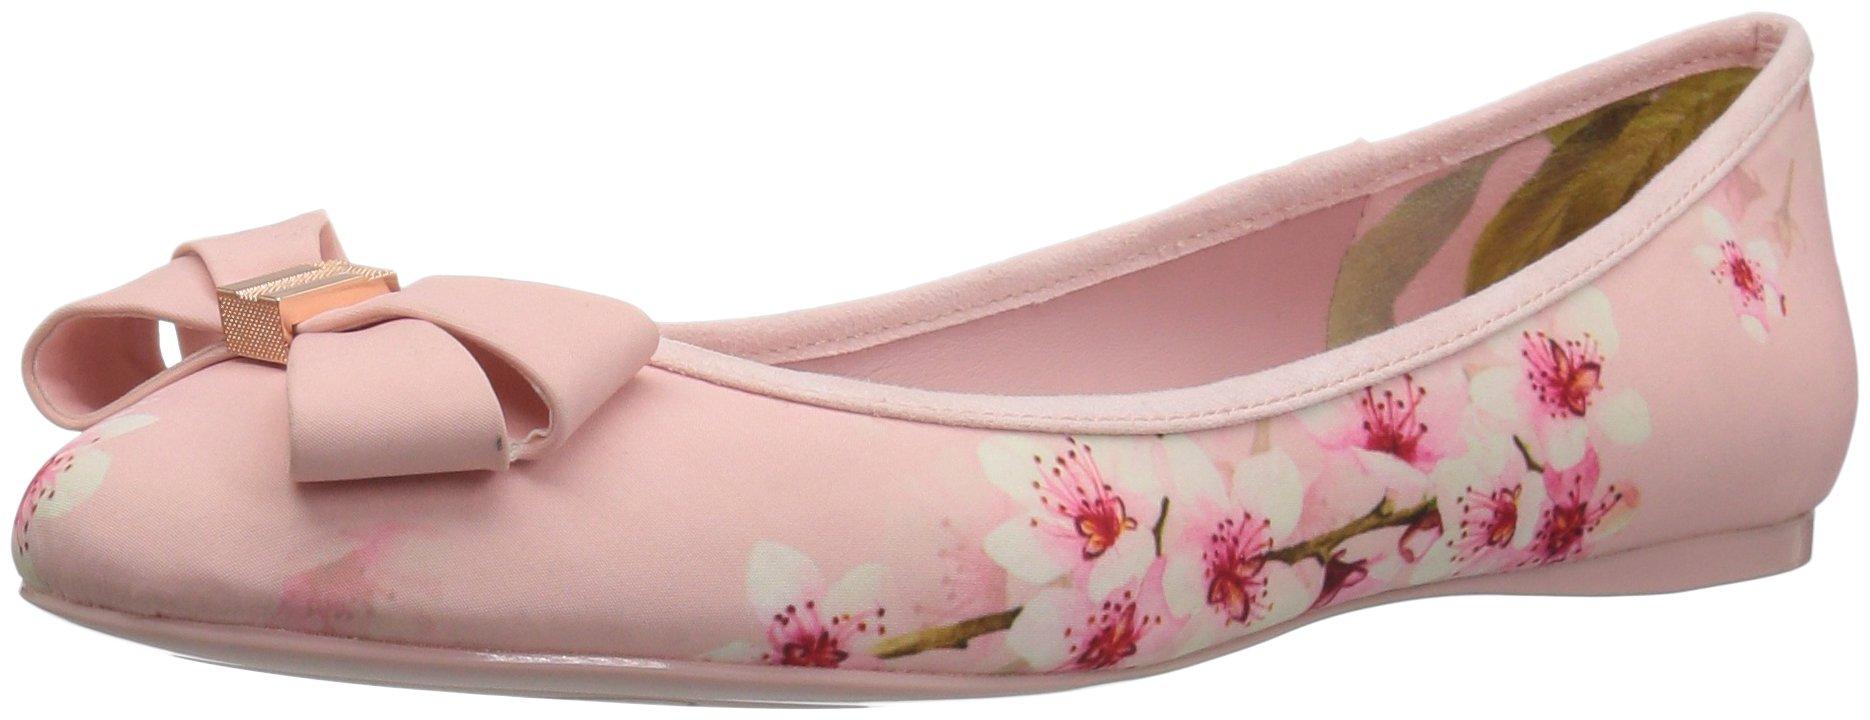 Ted Baker Women's Immet Ballet Shoe, Blossom Print Textile, 9.5 M US